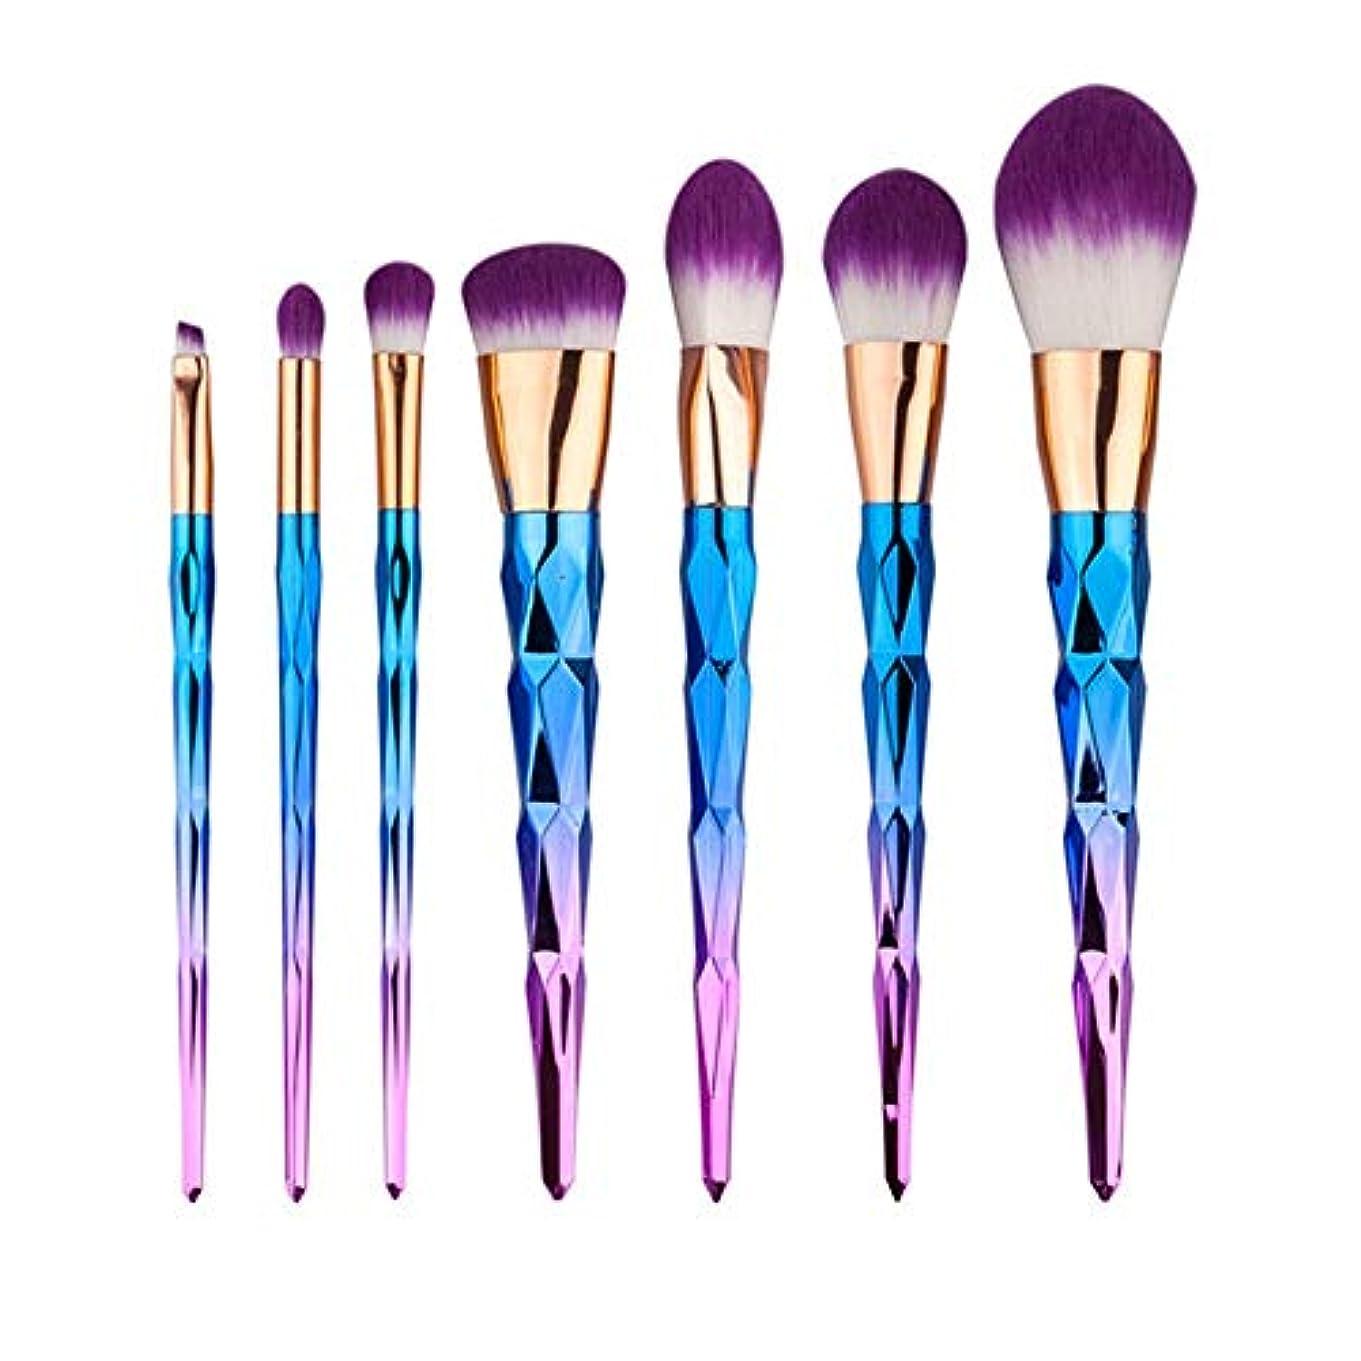 無駄な貧困あごMakeup brushes 7.グラデーションダイヤモンドドリルブラシセットユニコーンの美しさとメイクアップツール suits (Color : Rainbow)